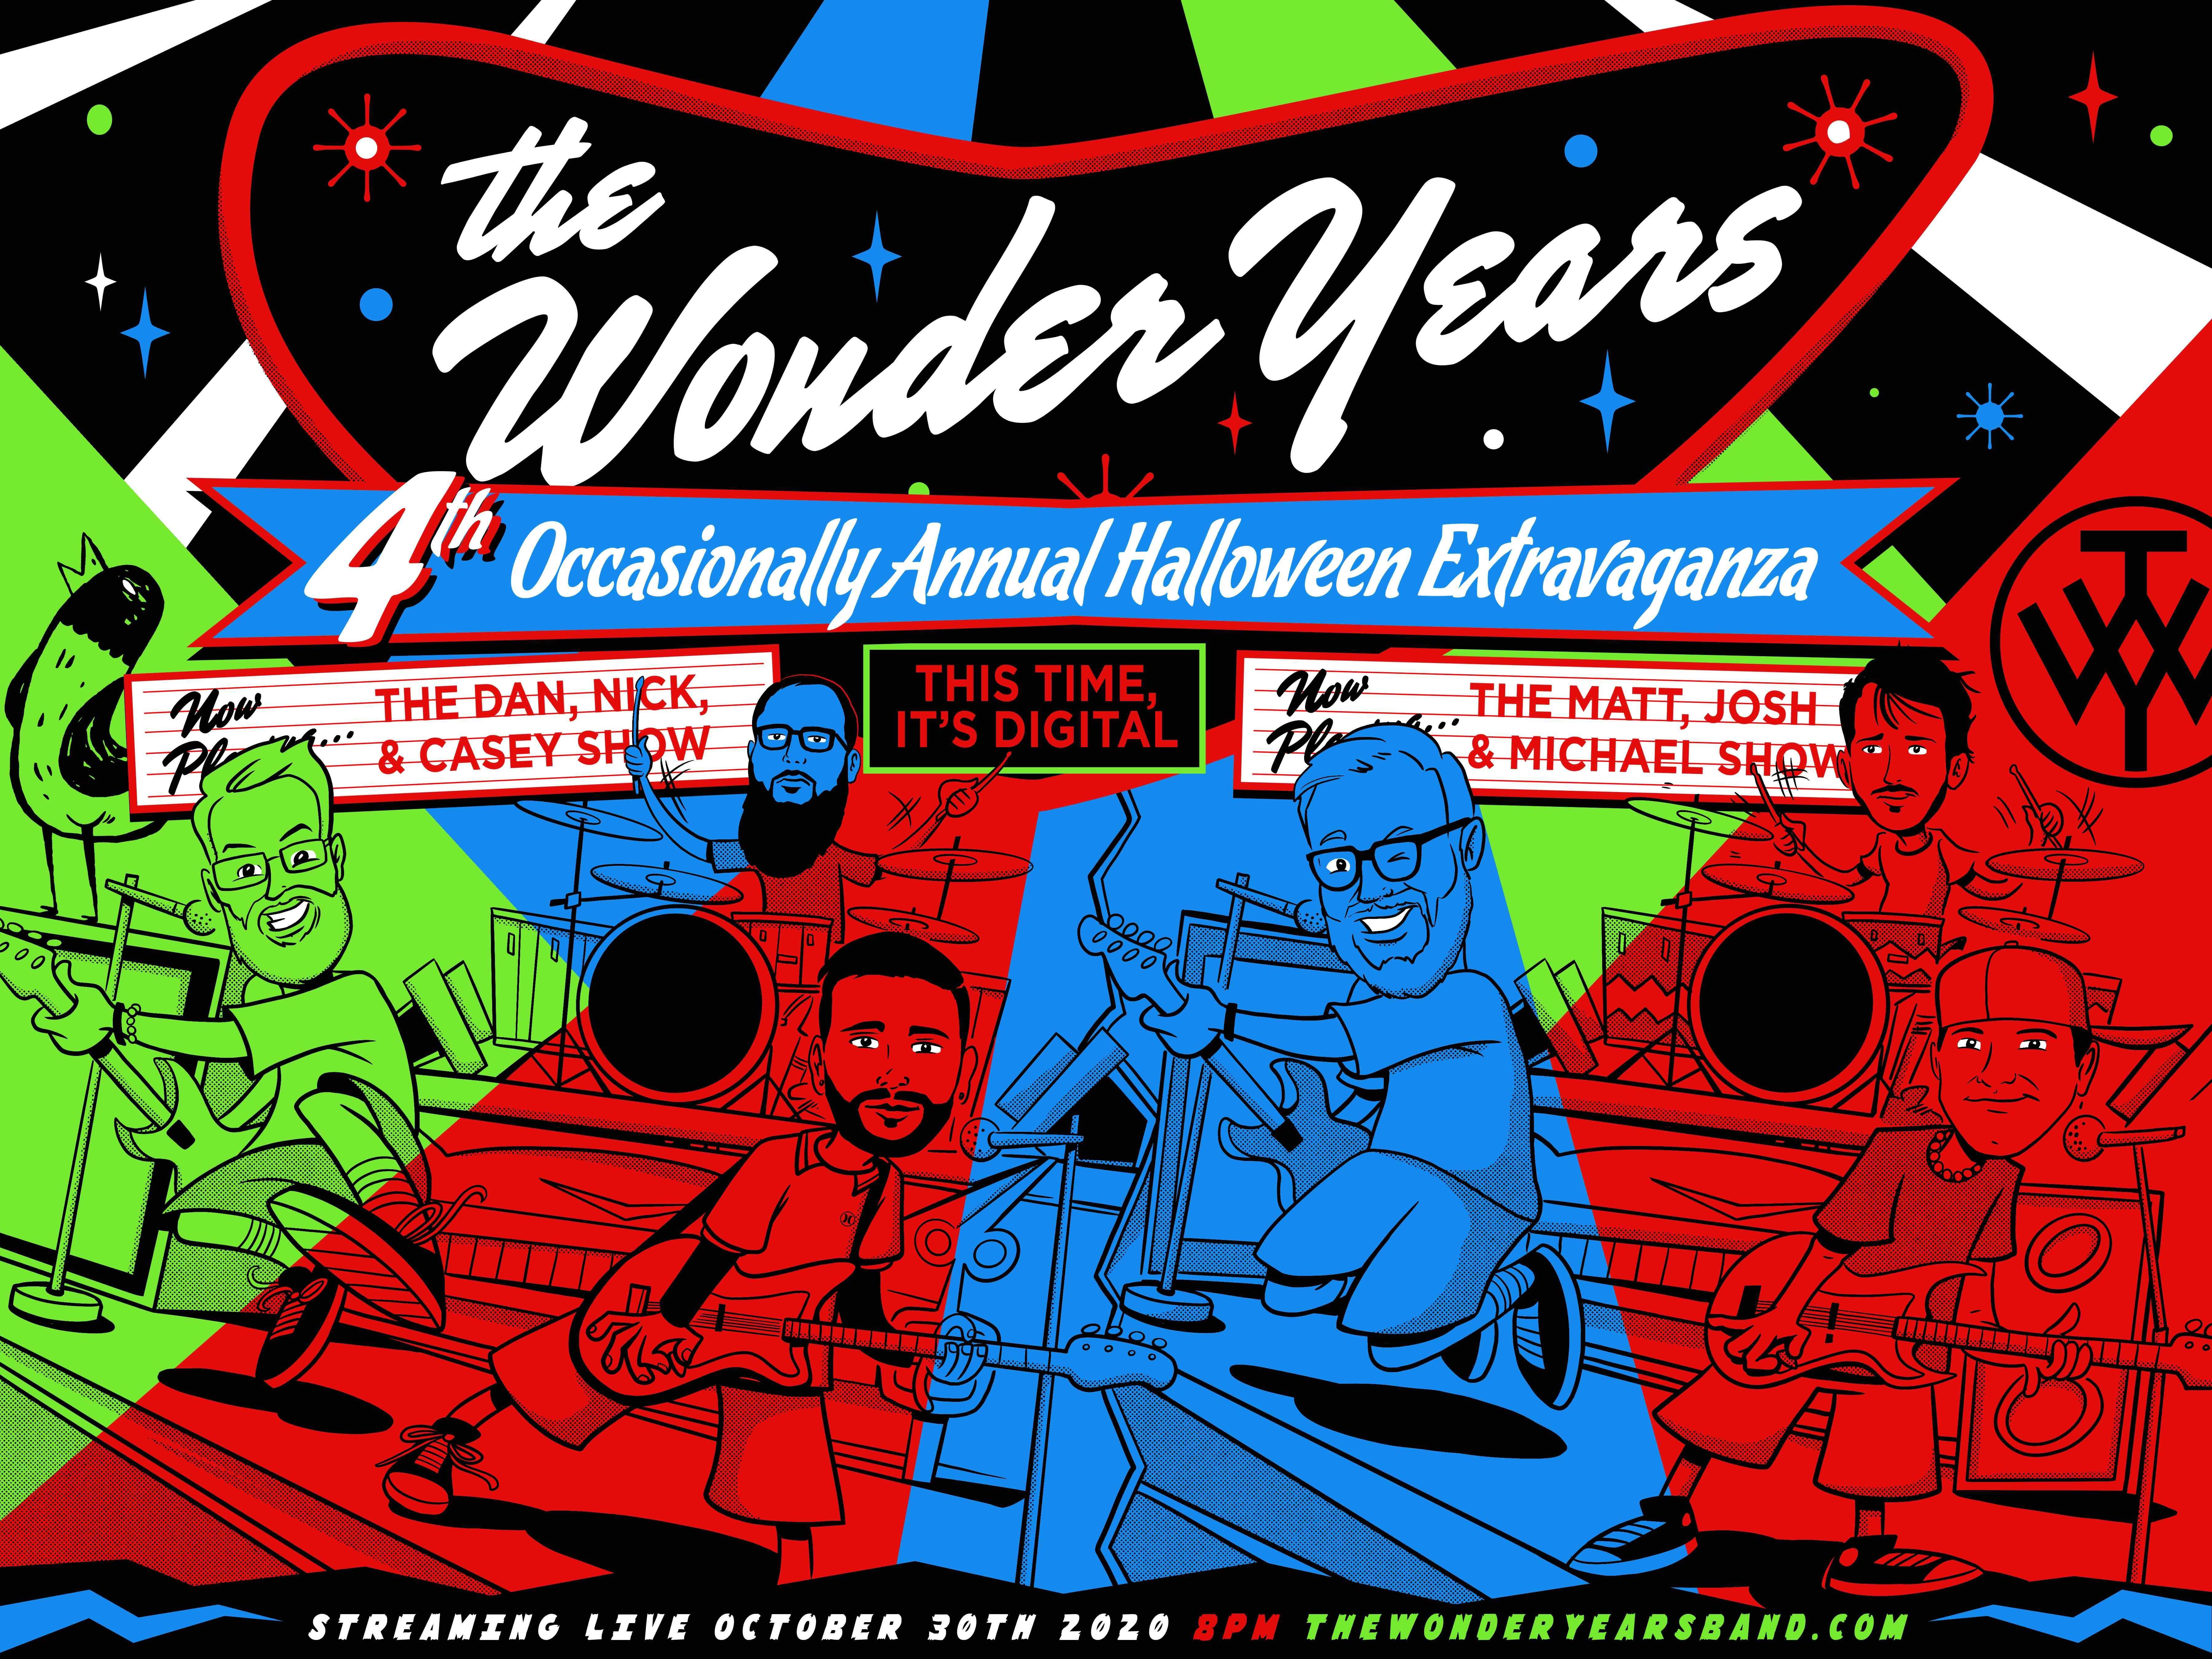 The Wonder Years: Halloween Extravaganza Livestream Concert